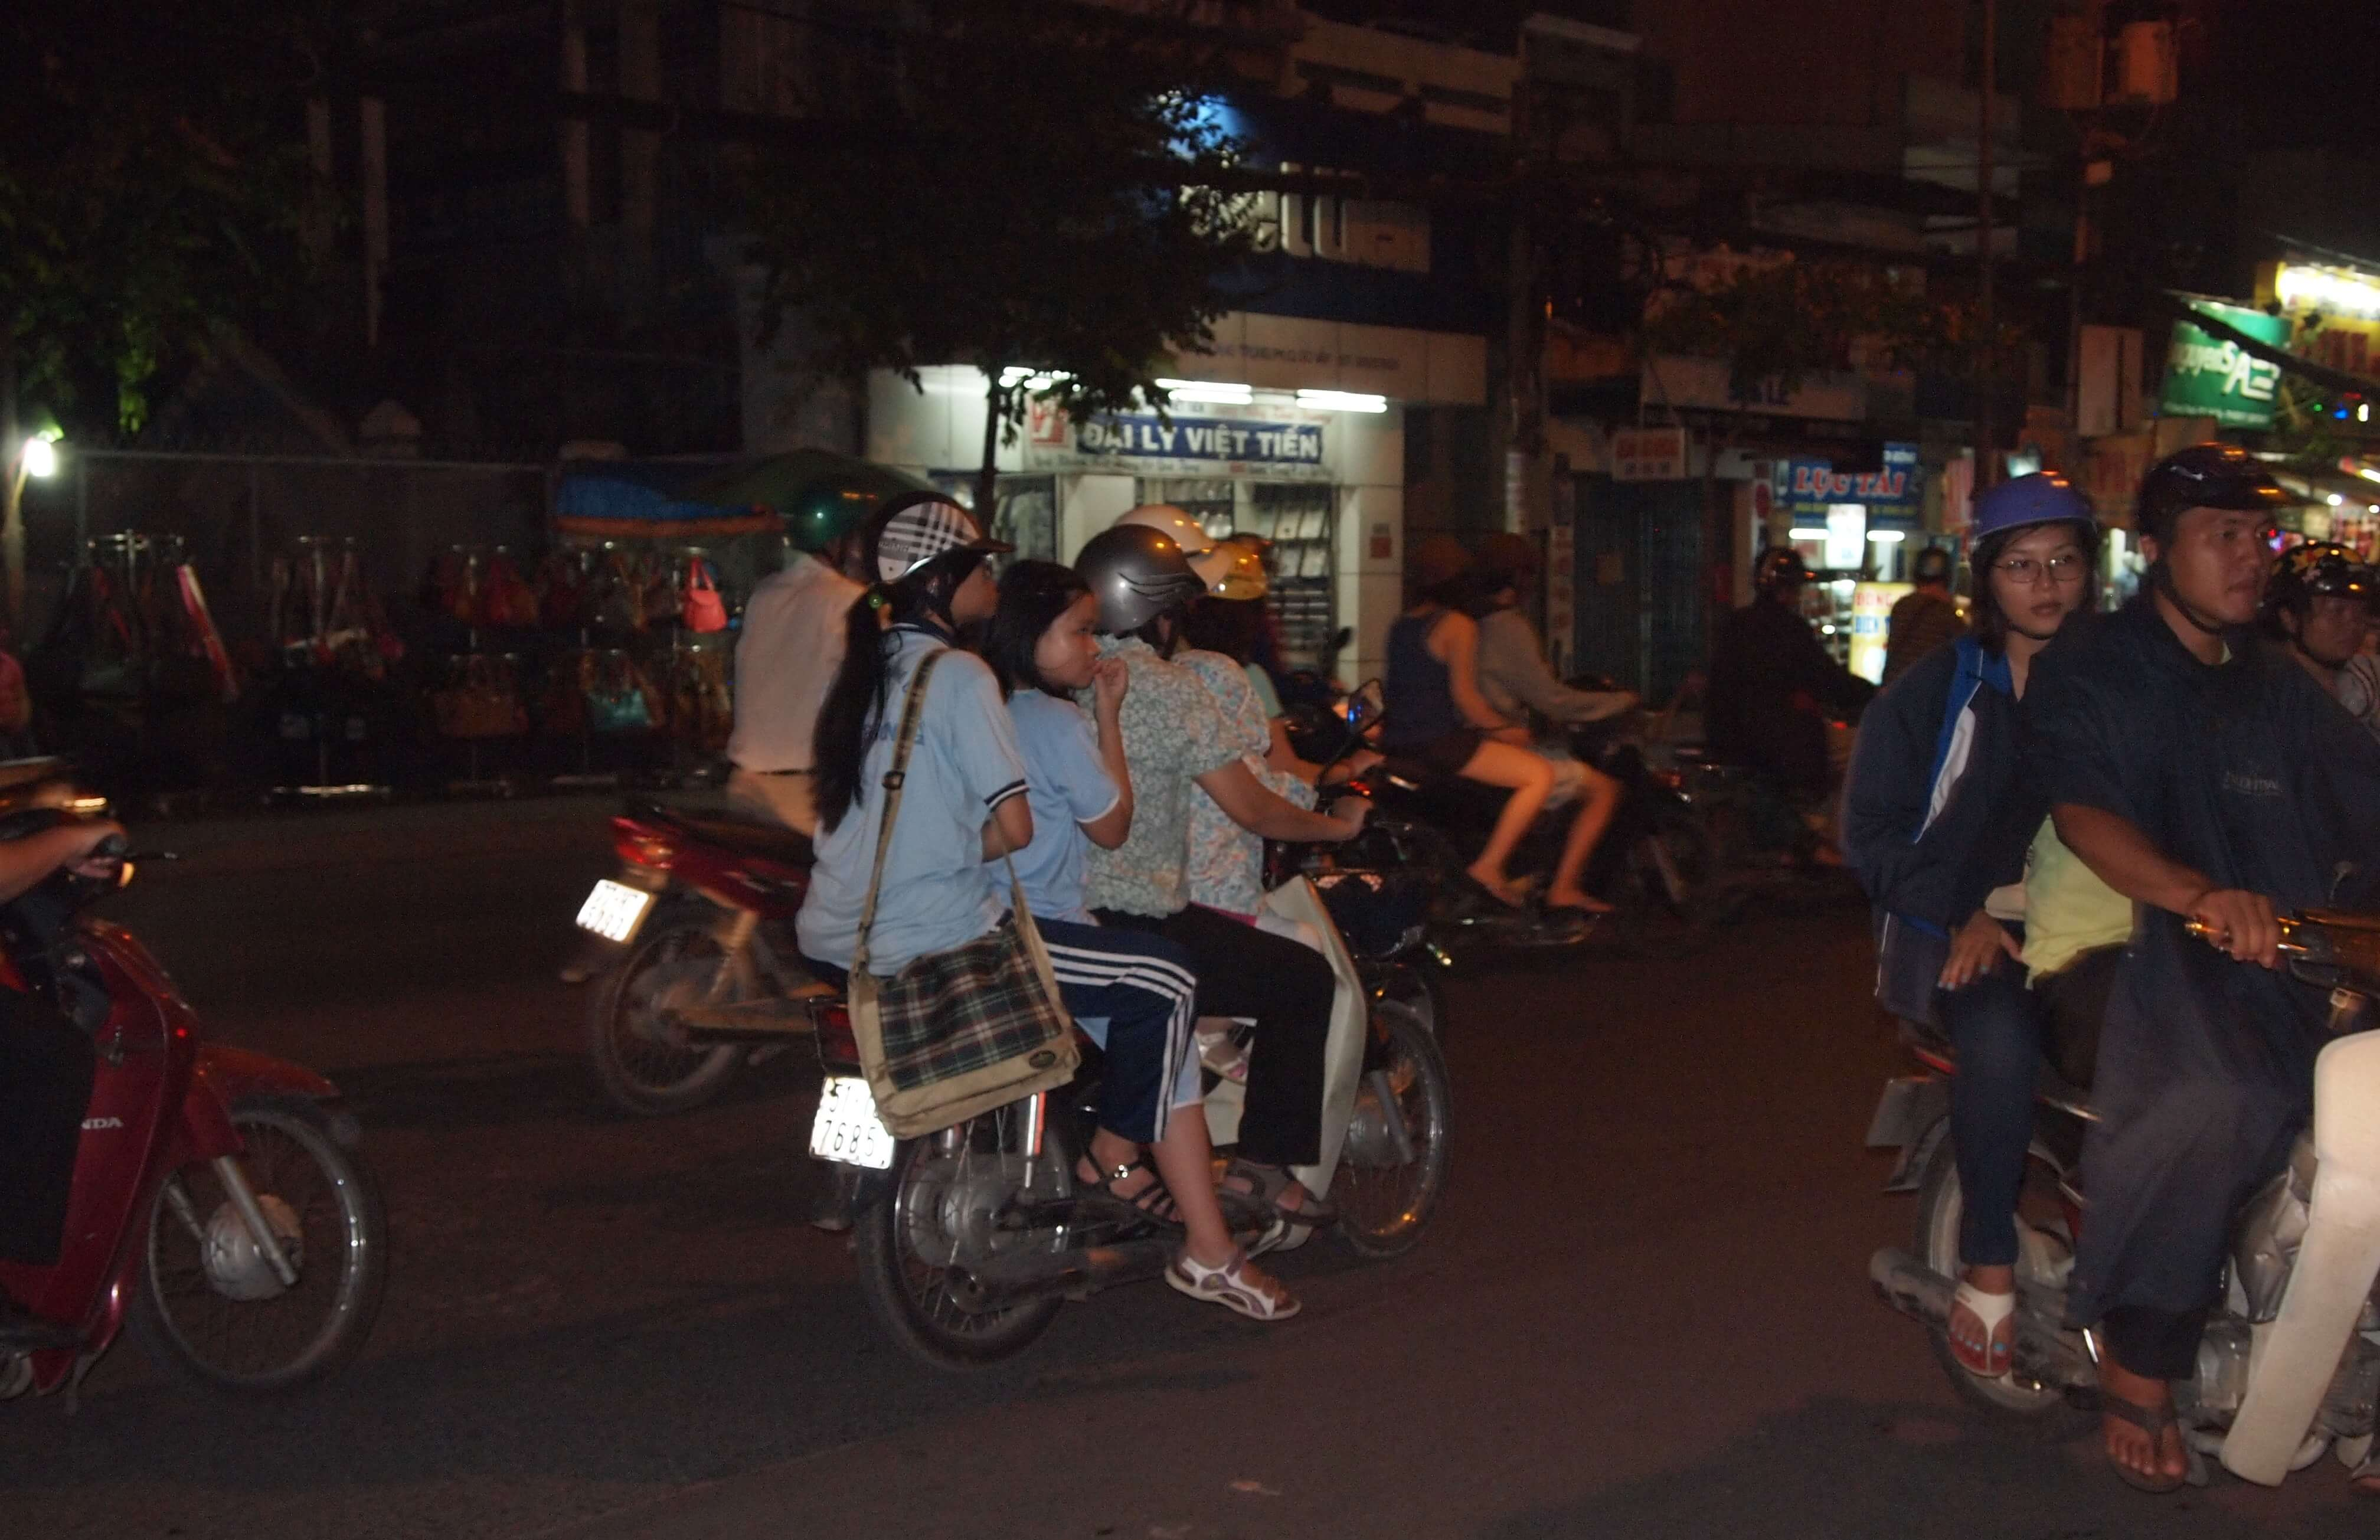 Wieczorem ulice są pełne ludzi. Wietnam udowadnia, że na motocyklu da się przewieźć wszystko i wszystkich